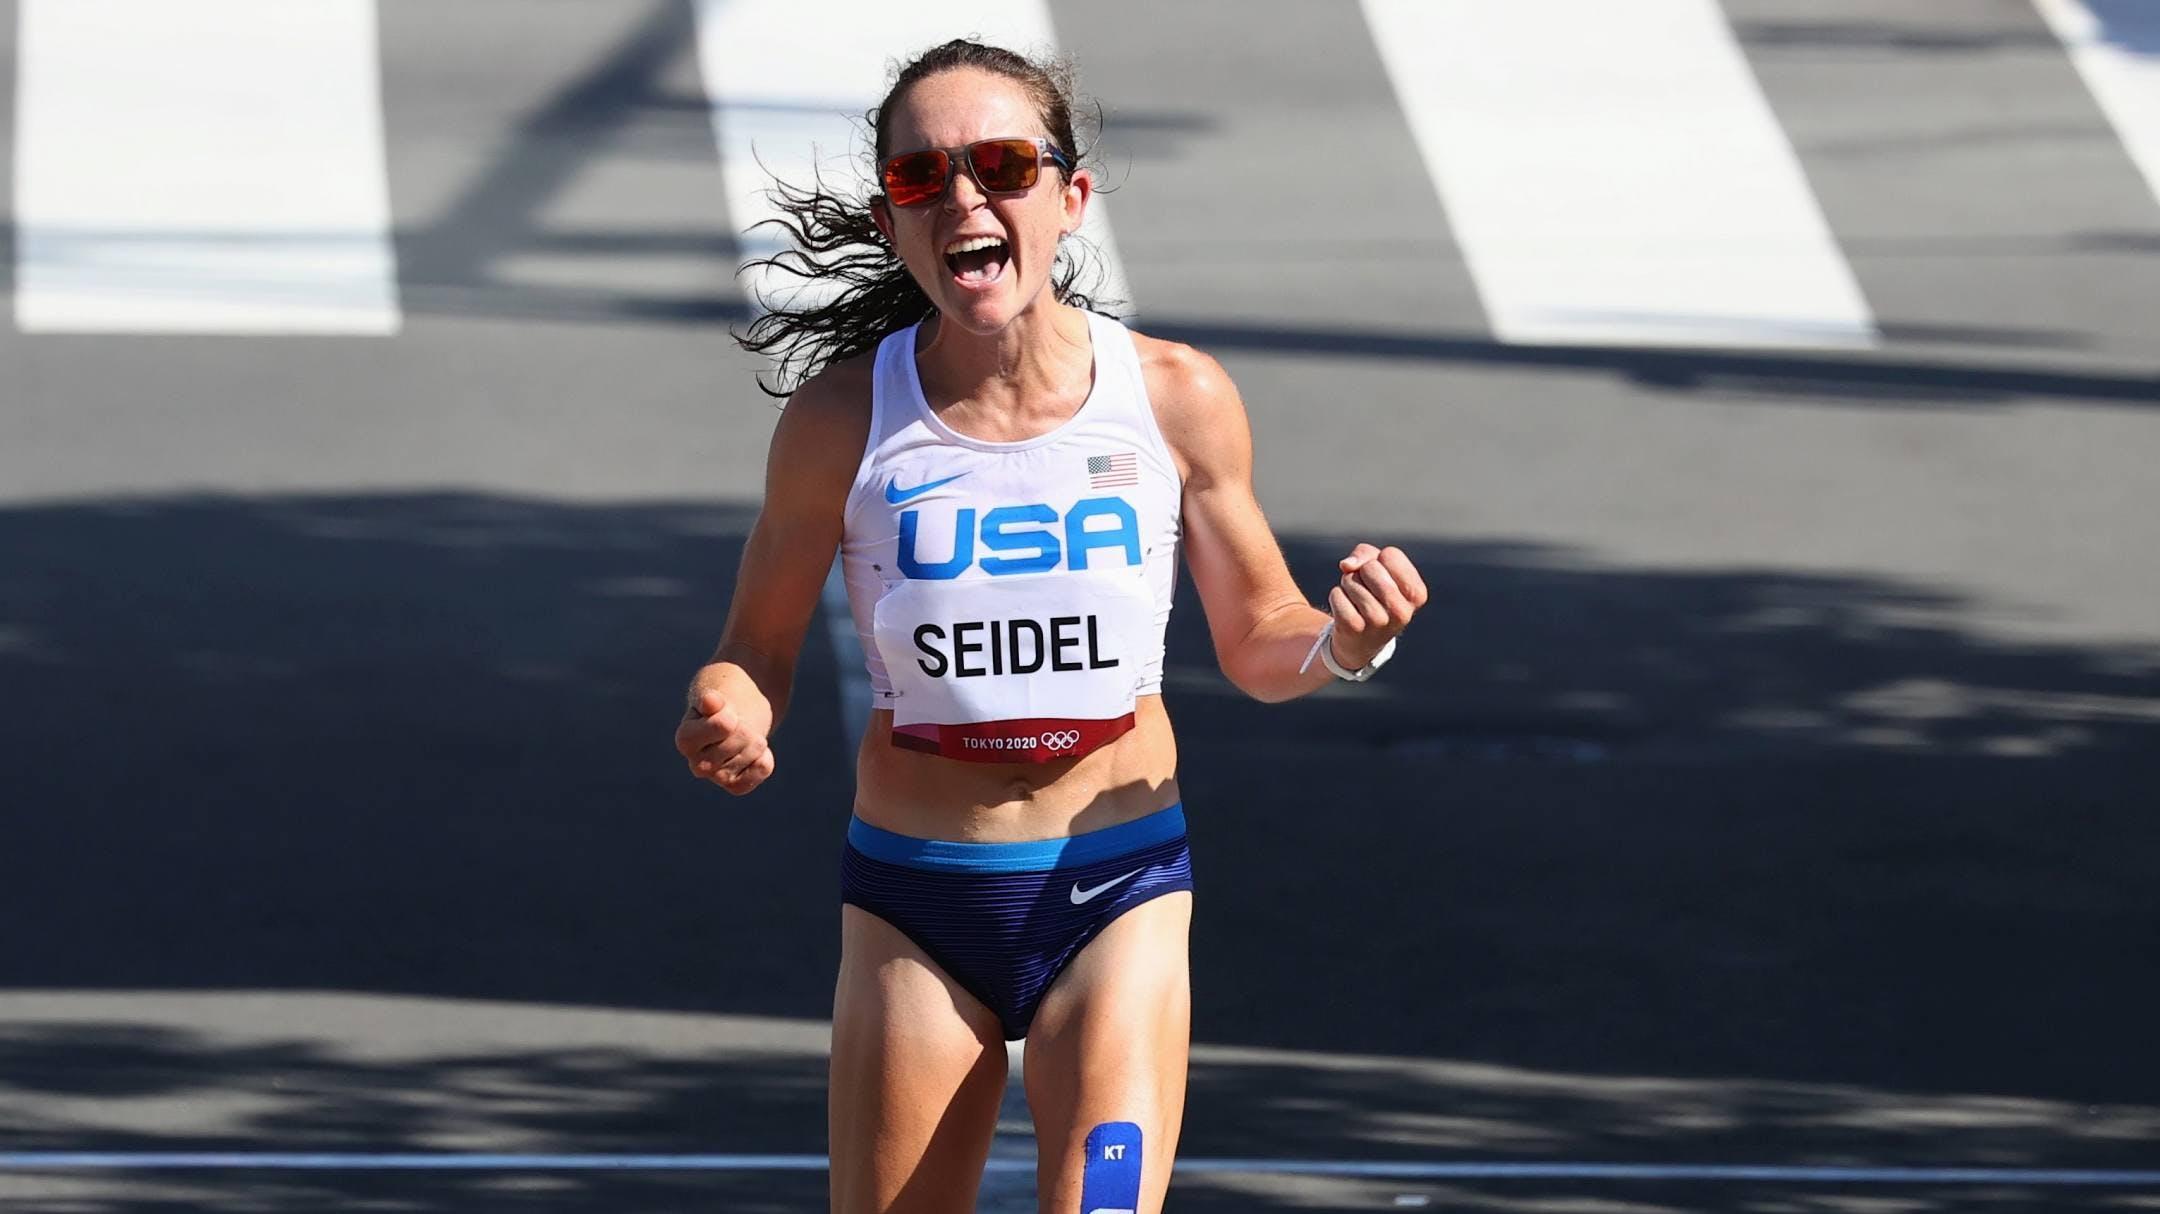 Molly Seidel: Η 3η γυναίκα των ΗΠΑ που κατακτά μετάλλιο στην ιστορία του Ολυμπιακού Μαραθωνίου